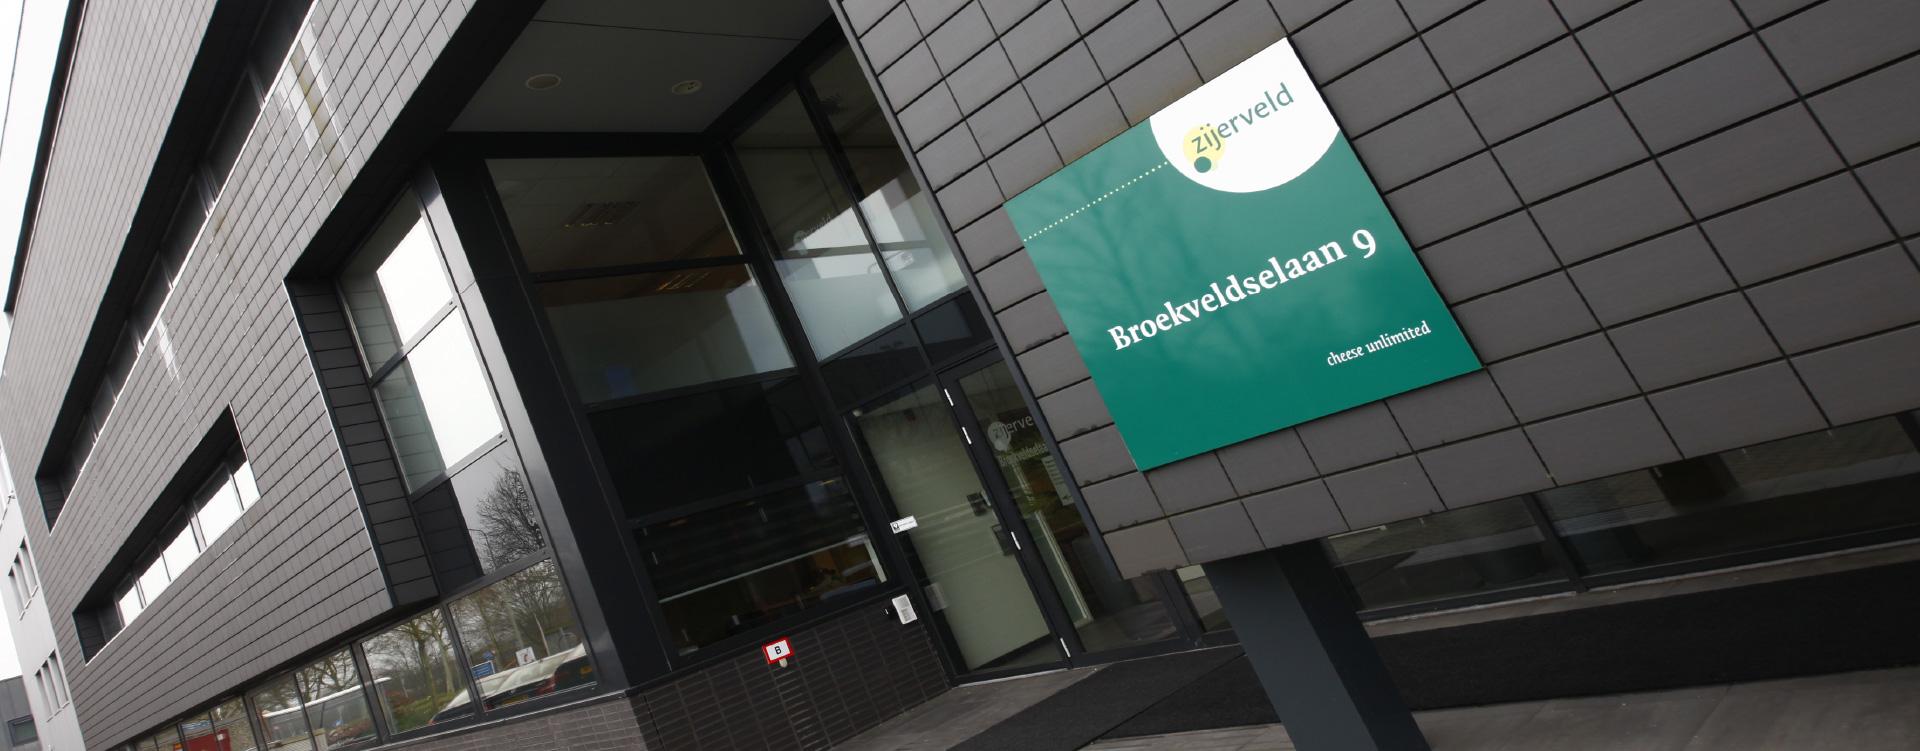 Zijerveld beste buitendienst binnen vers in Nederland en overall top 3 zuivel, kaas en geelvetten!!!